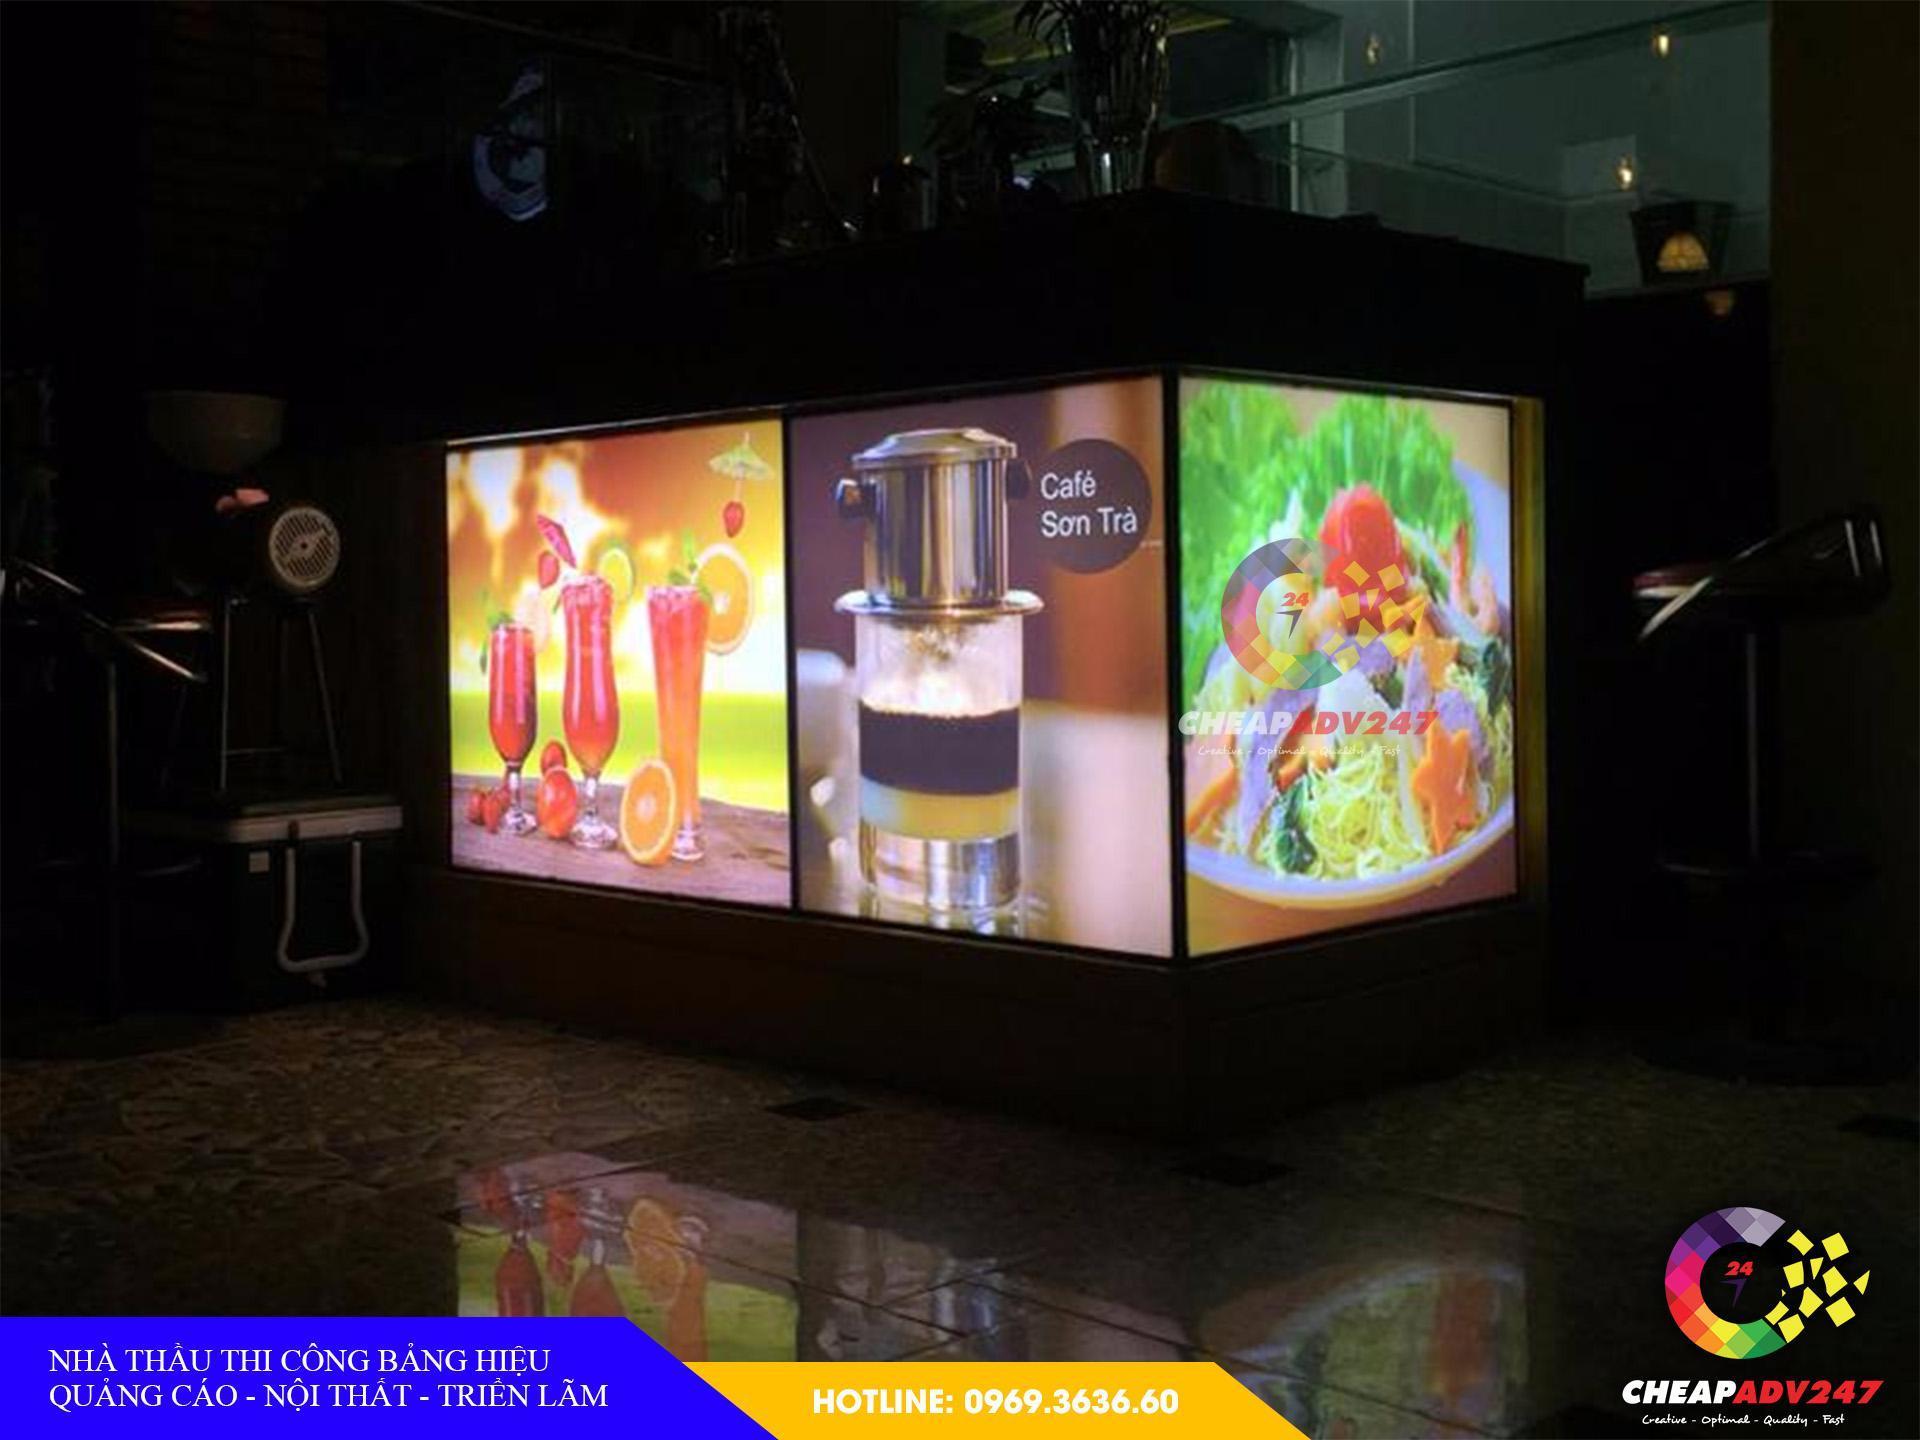 Làm Bảng hiệu hộp đèn quán cafe tại cheapadv247 - ảnh 3